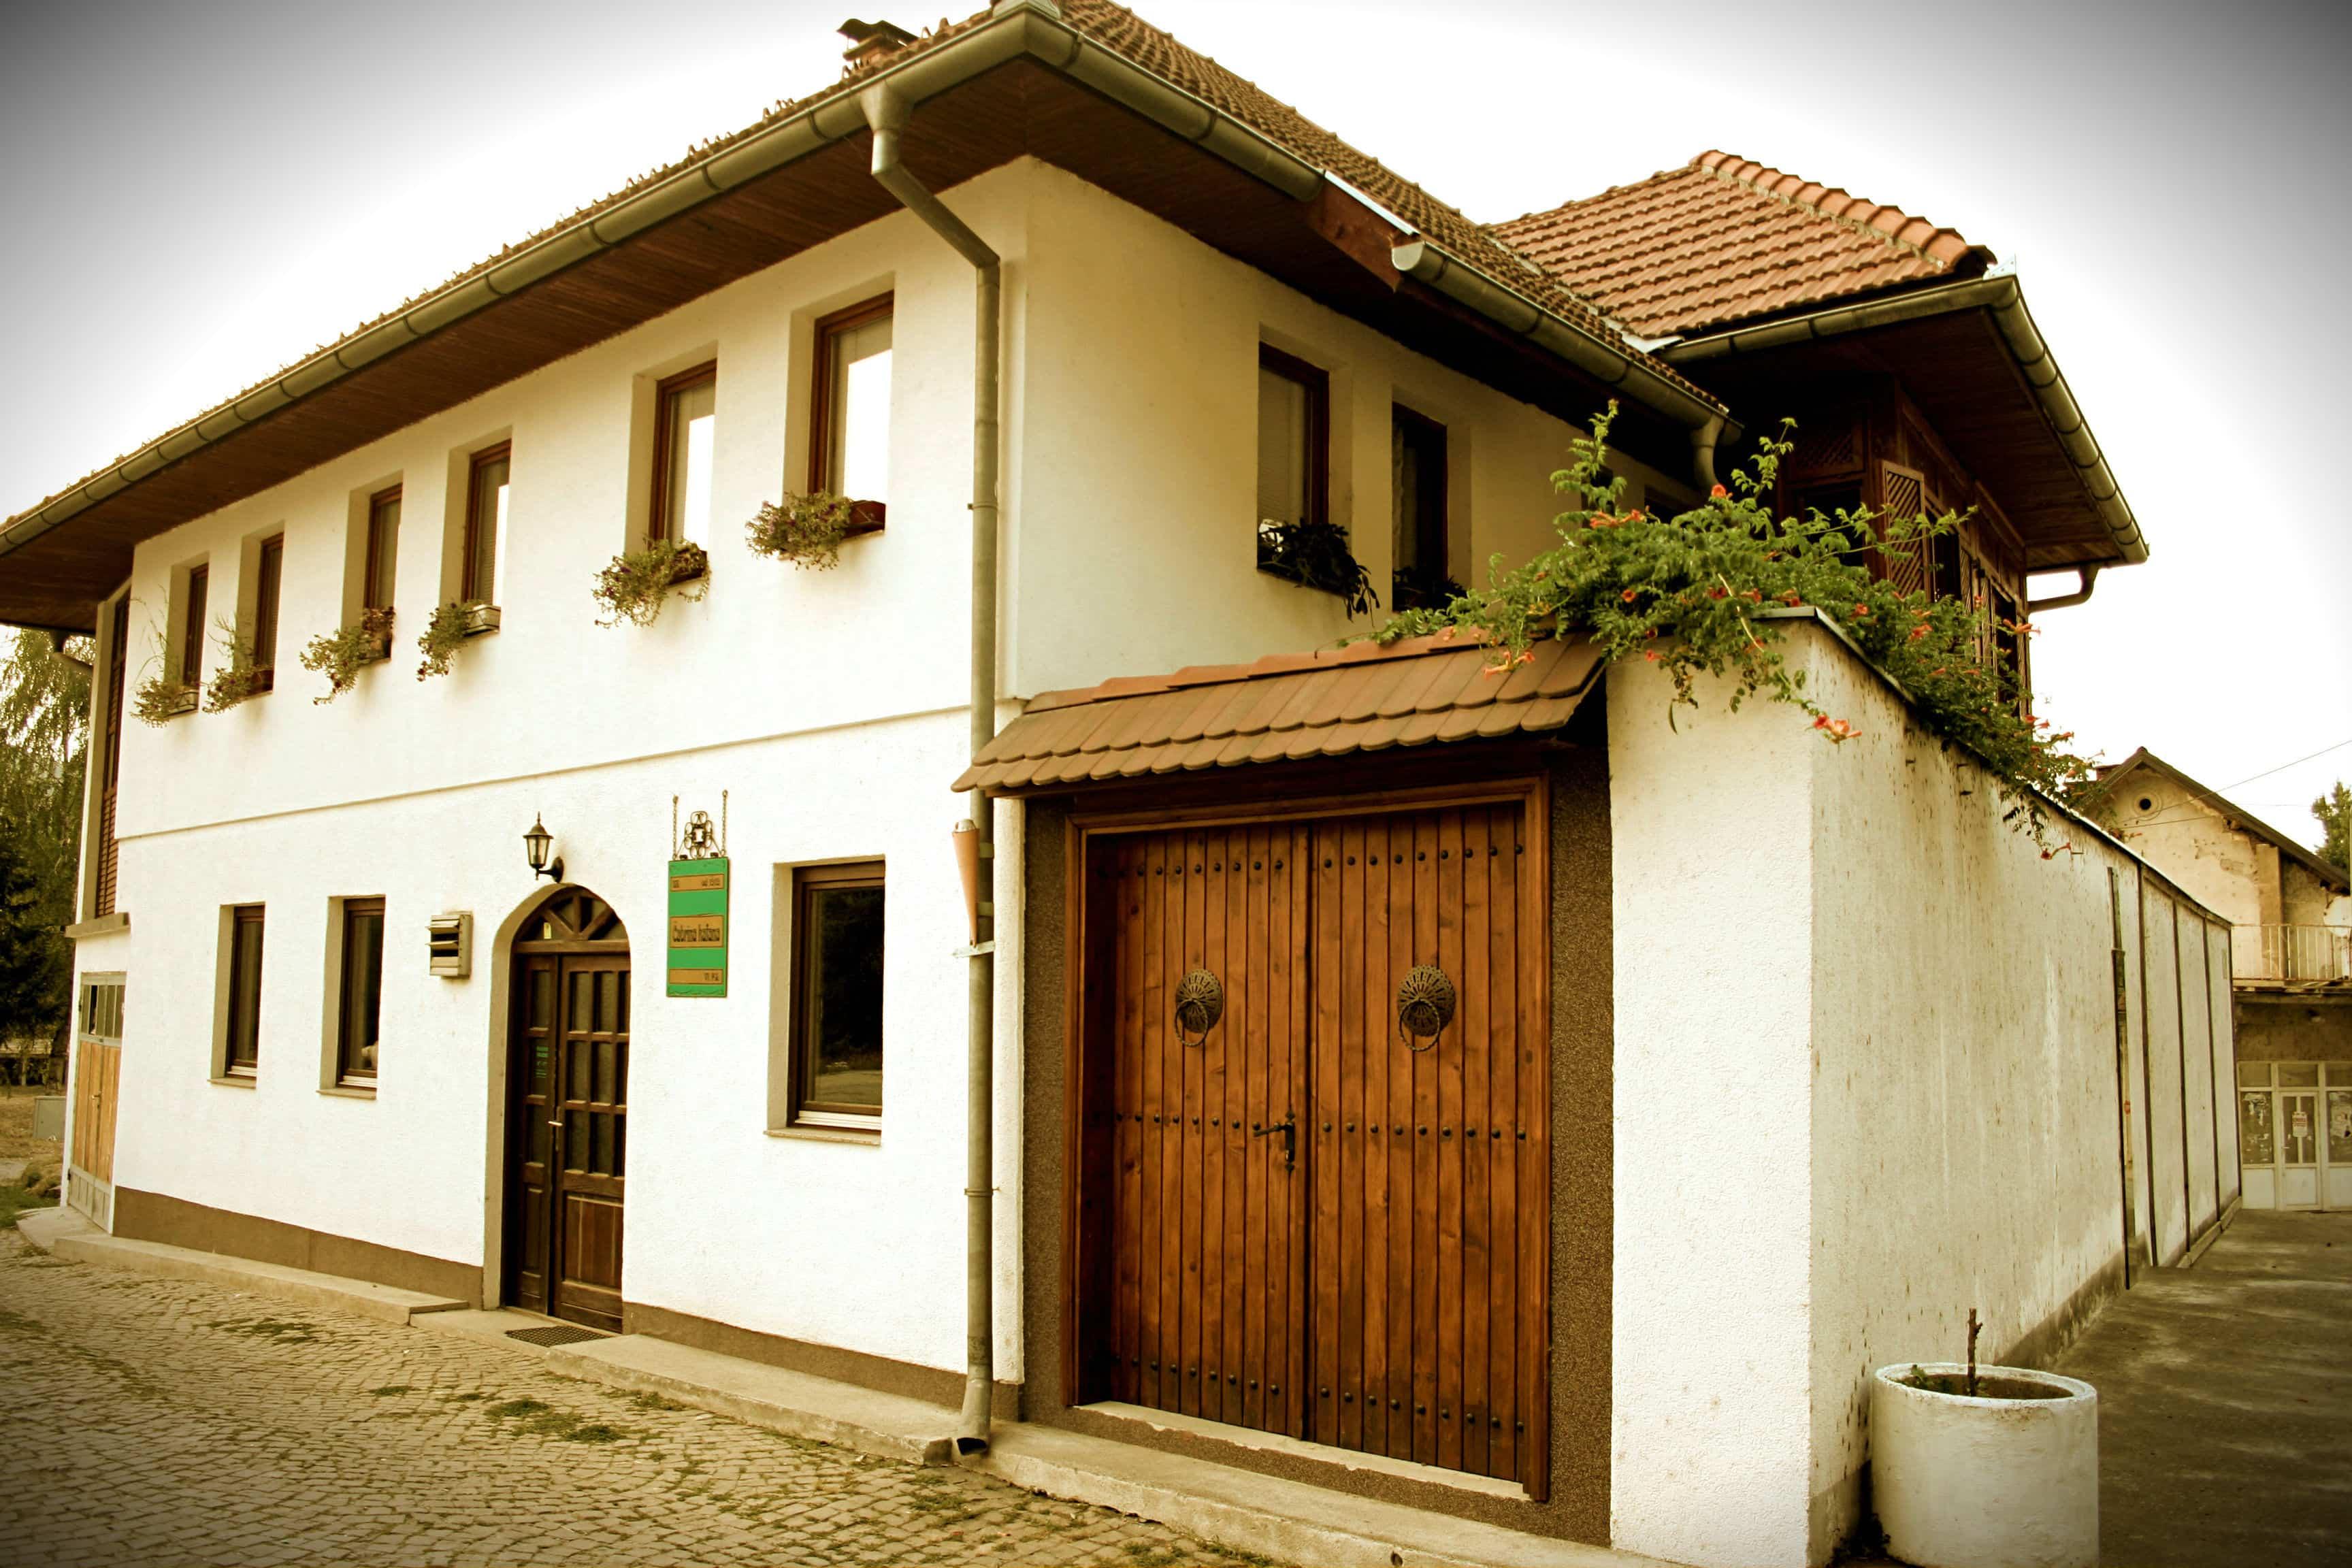 Бесплатное изображение: Босния и Герцеговина, Исторический, дом, Восточные,  турецкий, дом, Архитектура, Резиденция, Недвижимость, Улица